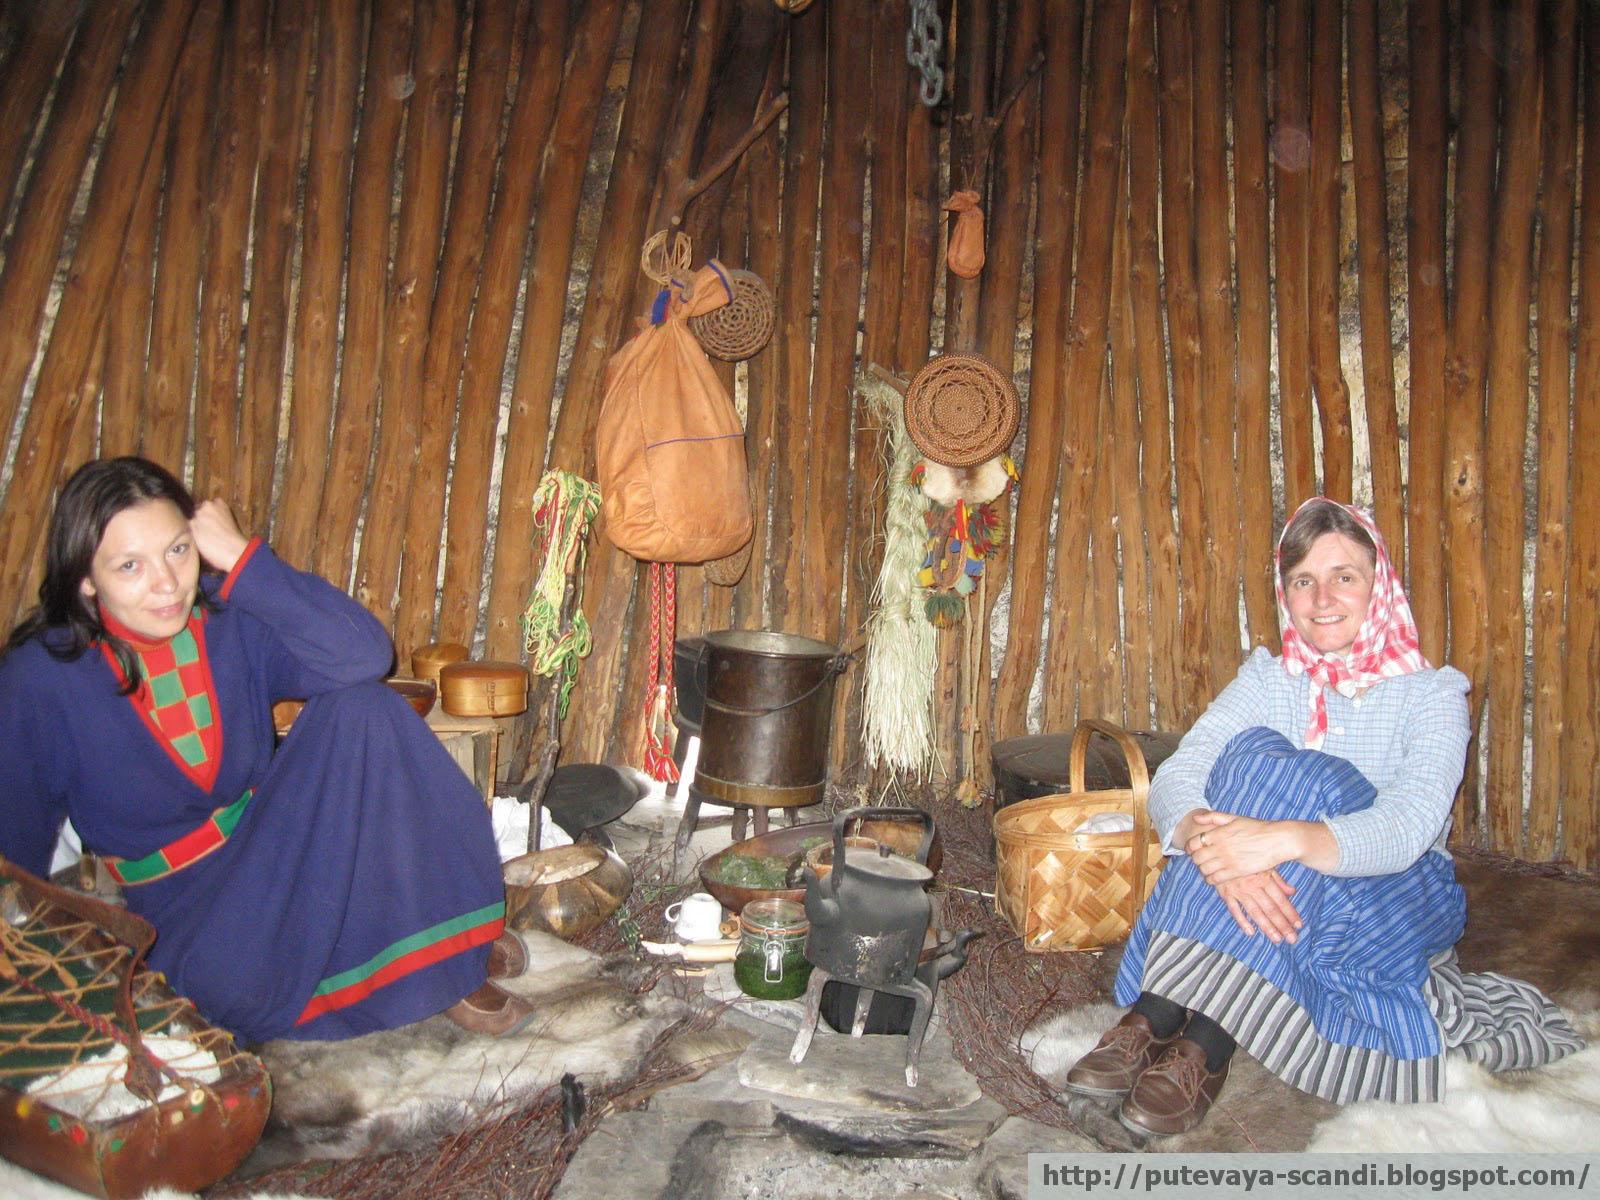 женщины в национальных костюмах саамов